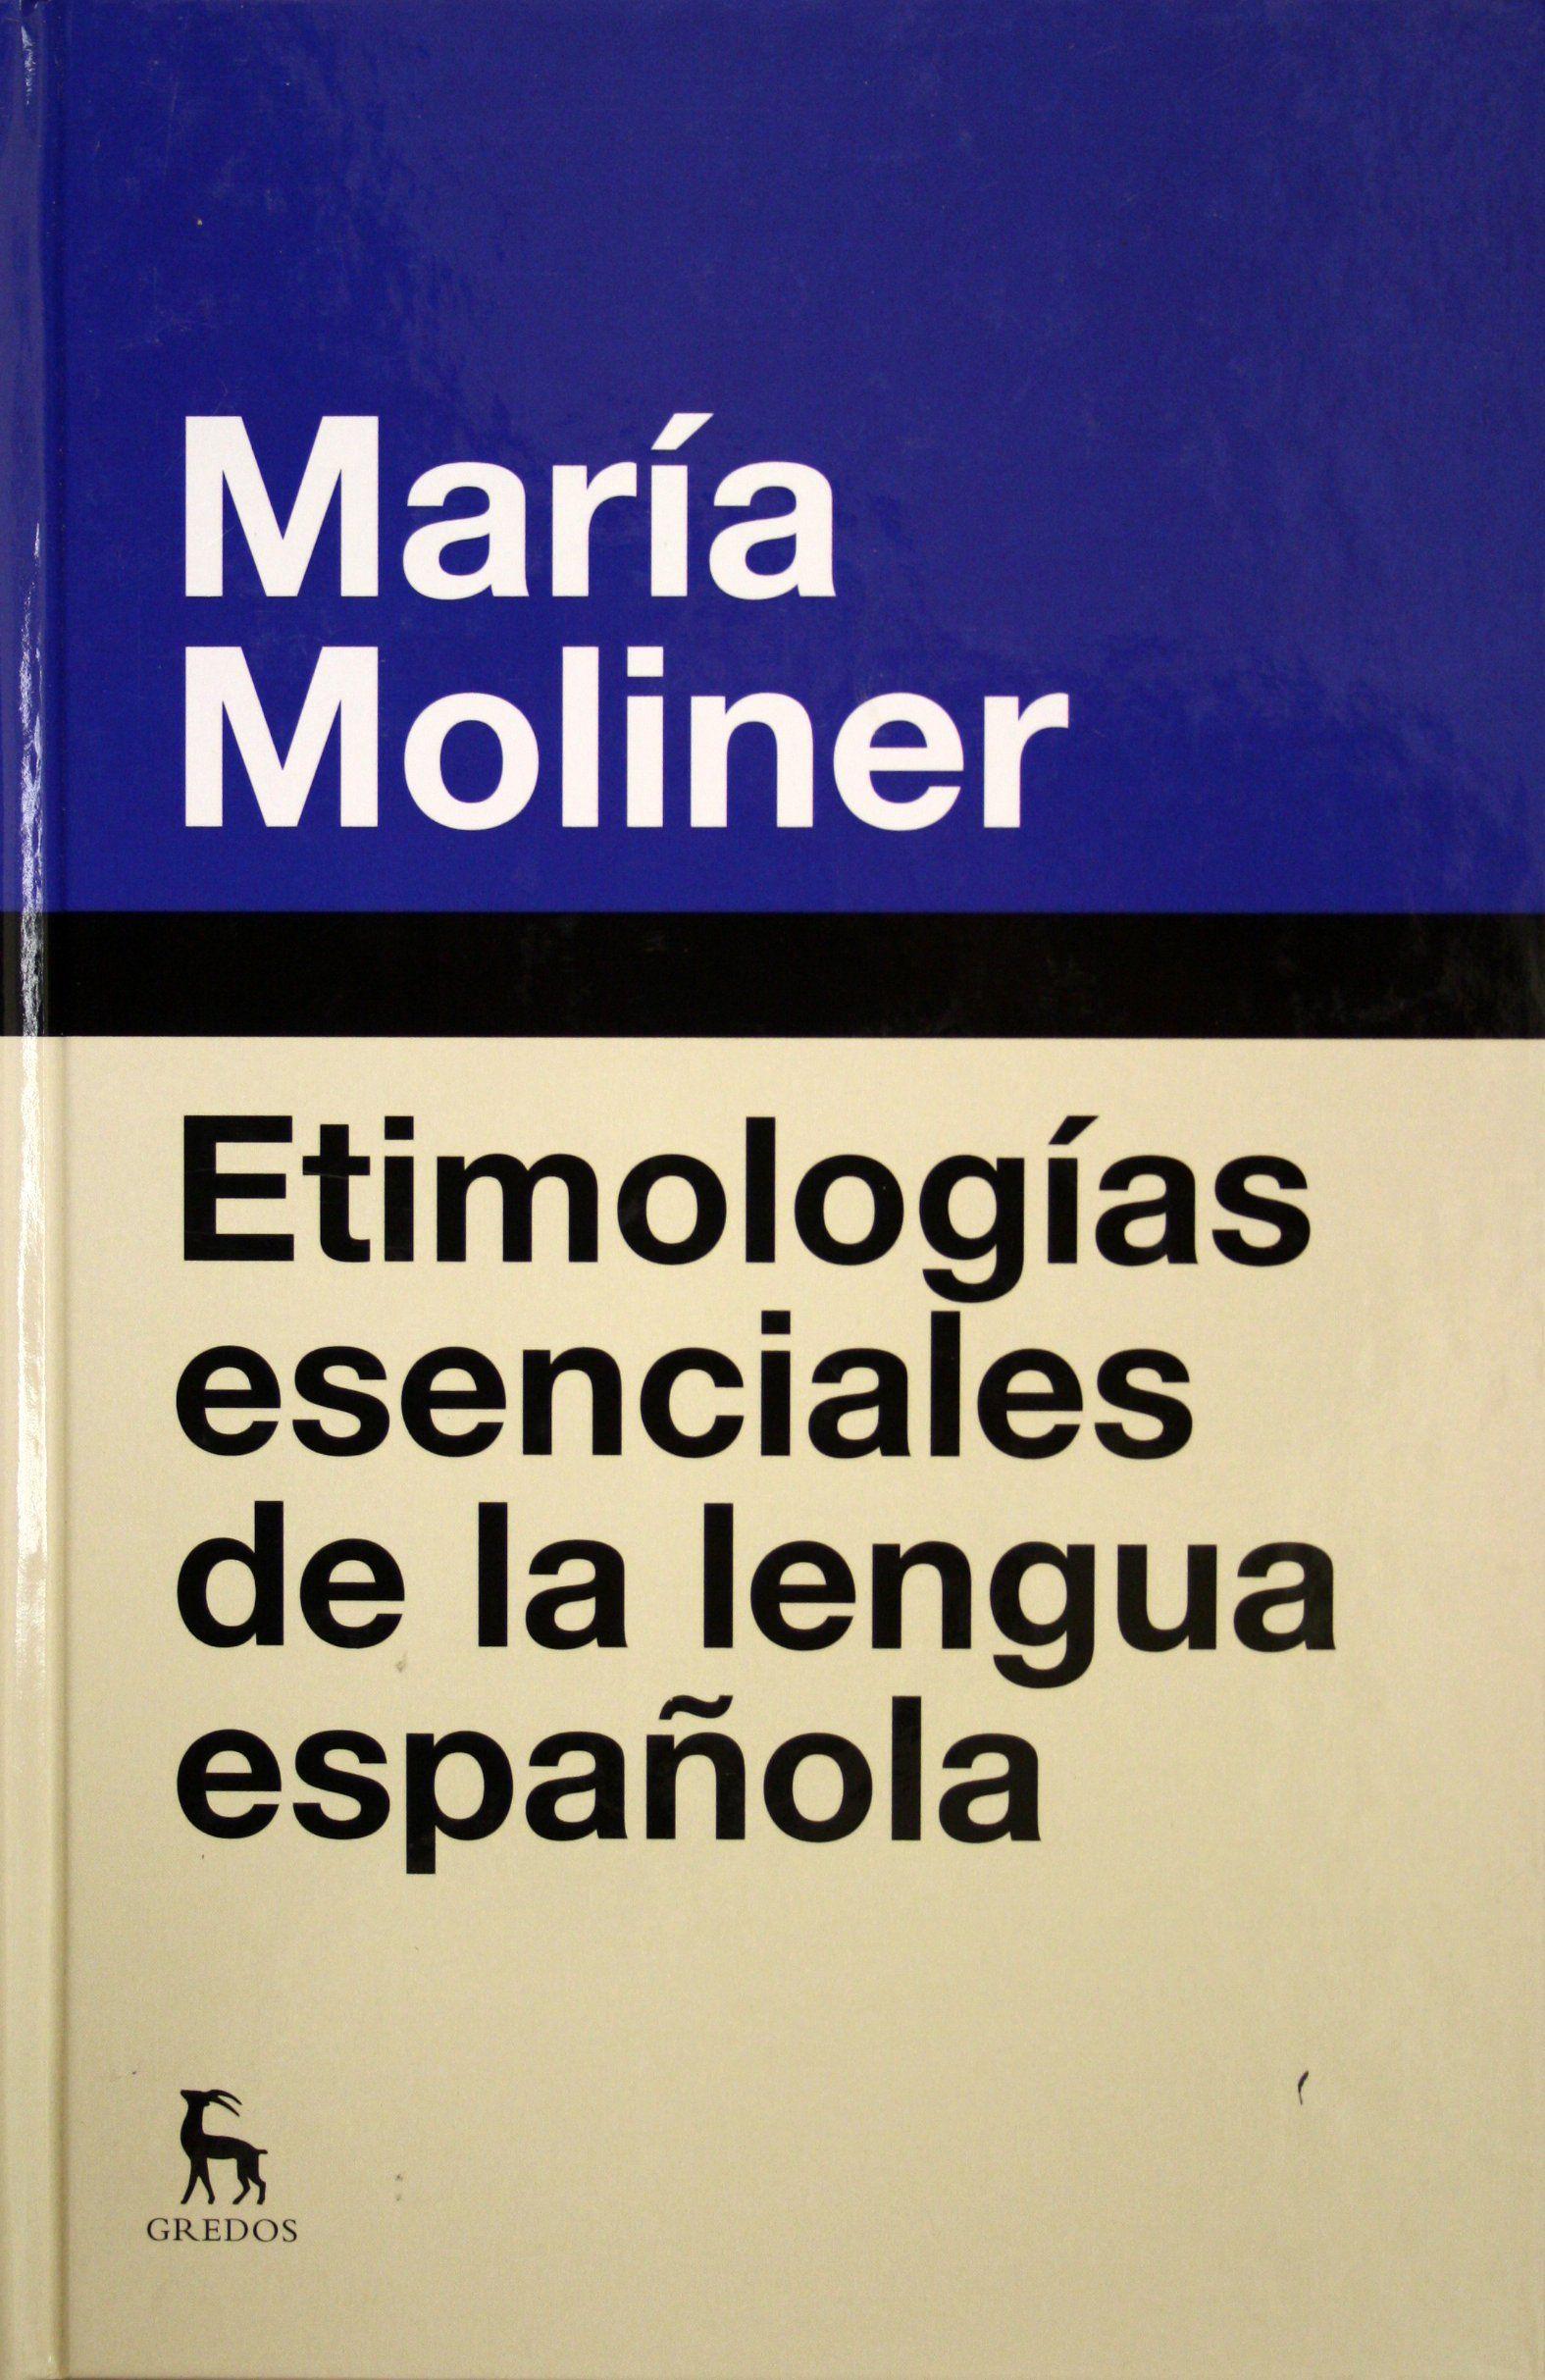 Etimologías esenciales de la lengua española / María Moliner. + info: http://biblioteca.cchs.csic.es/difusion/maria_moliner/catalogo.html